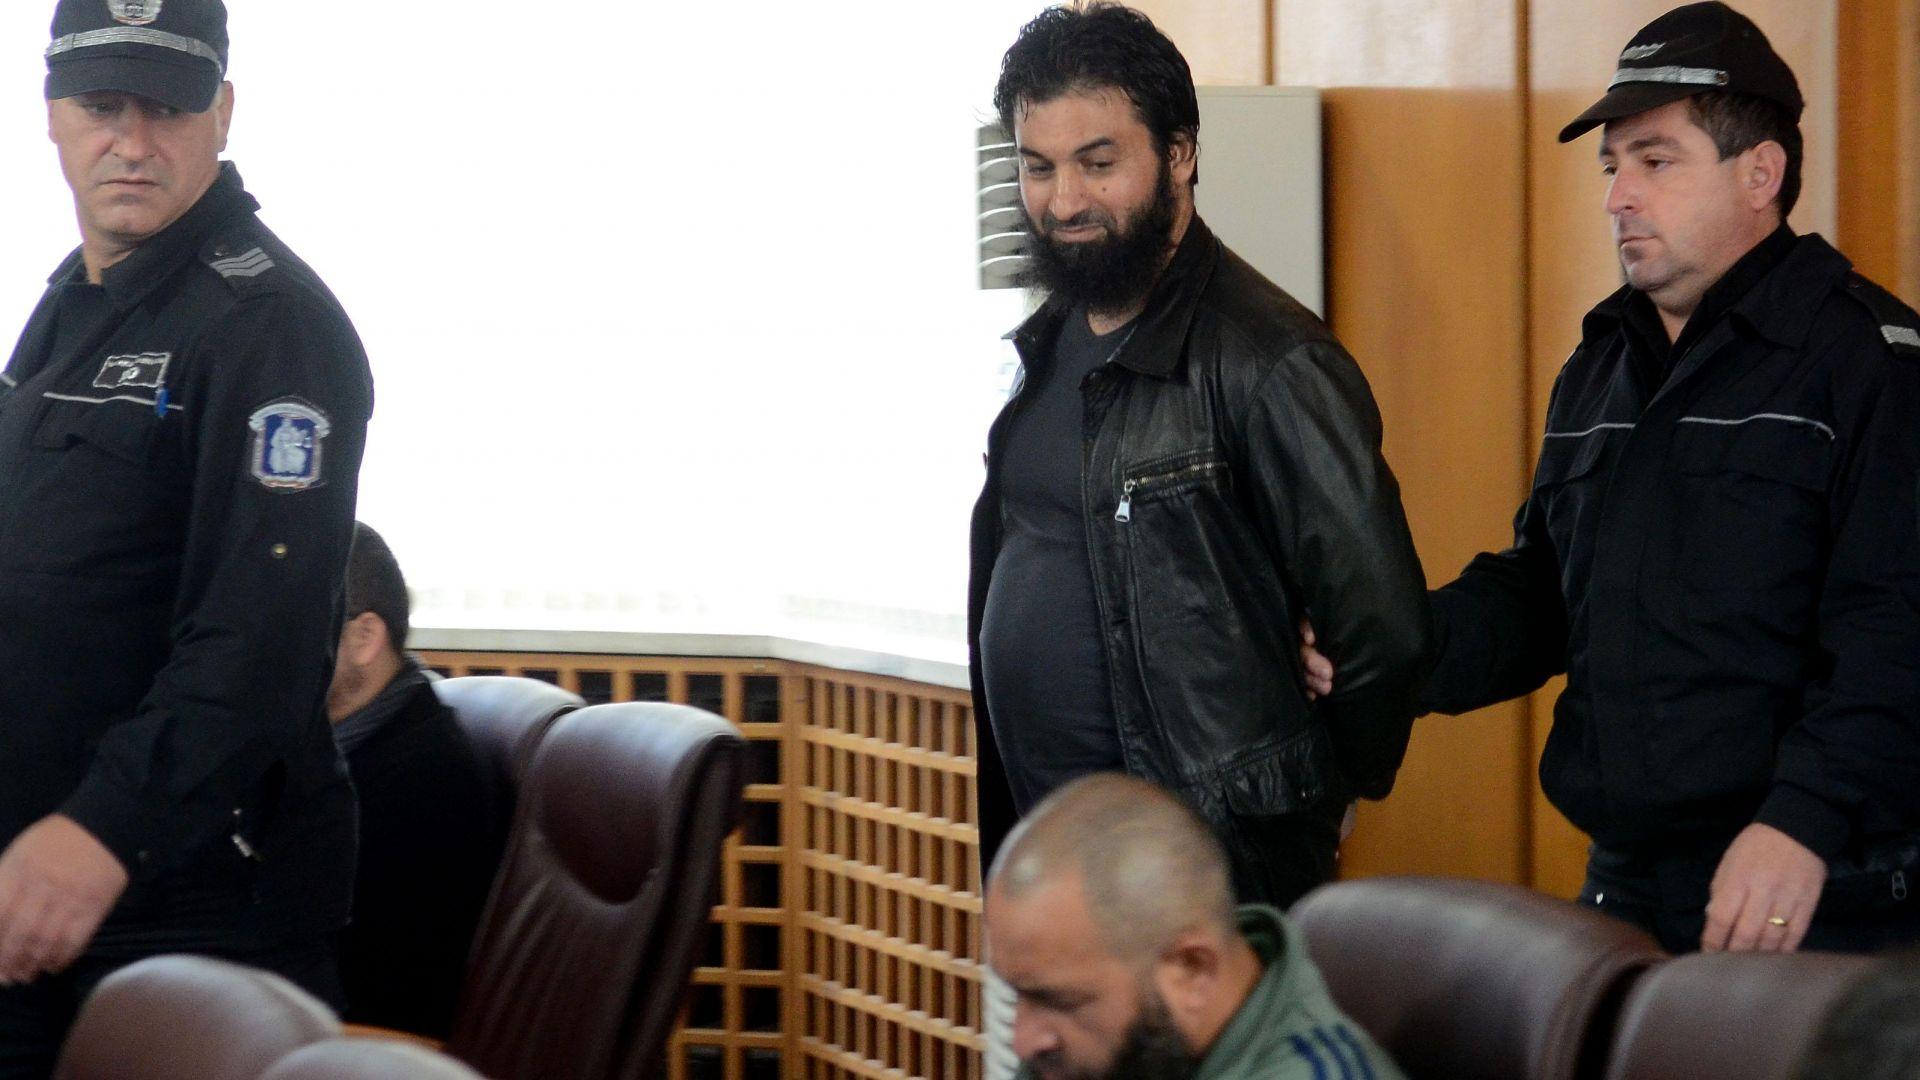 8,5 години затвор за Ахмед Муса, потвърдиха присъдите и на още 13 имами